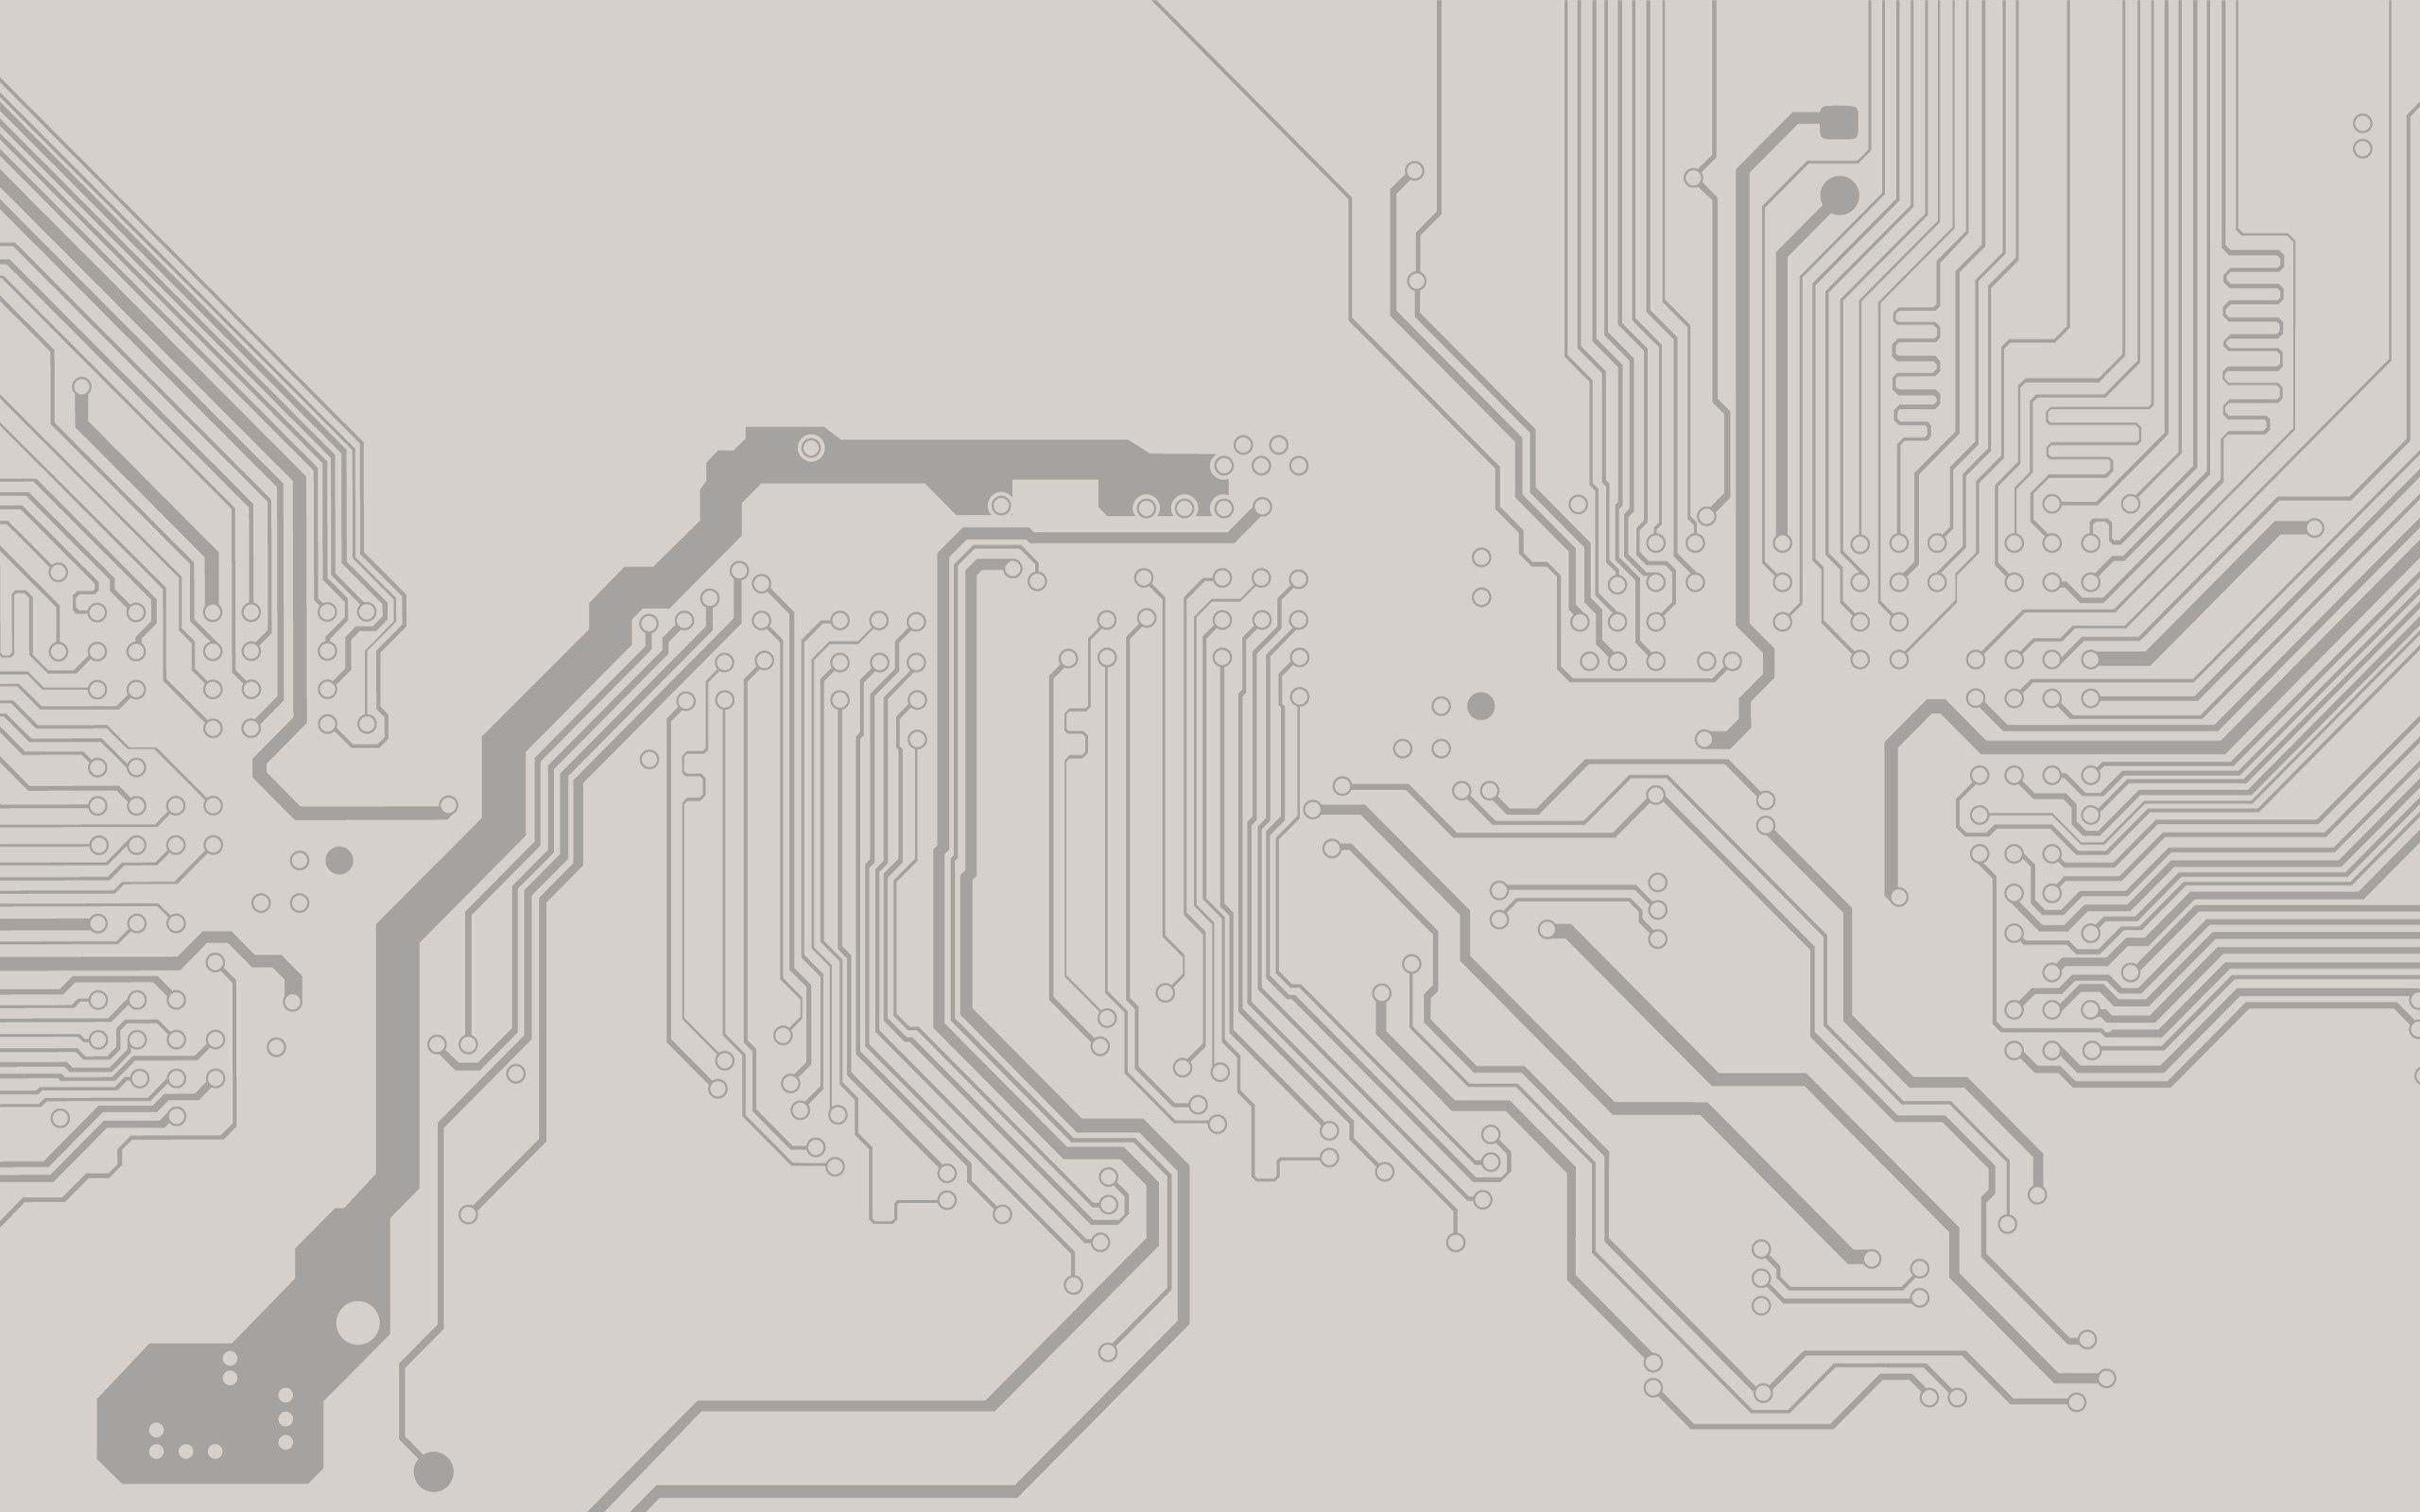 100764 Hintergrundbild herunterladen Hintergrund, Makro, Verschiedenes, Sonstige, Minimalismus, Chip, Zahlen, Planen, Schema, Gebühr - Bildschirmschoner und Bilder kostenlos